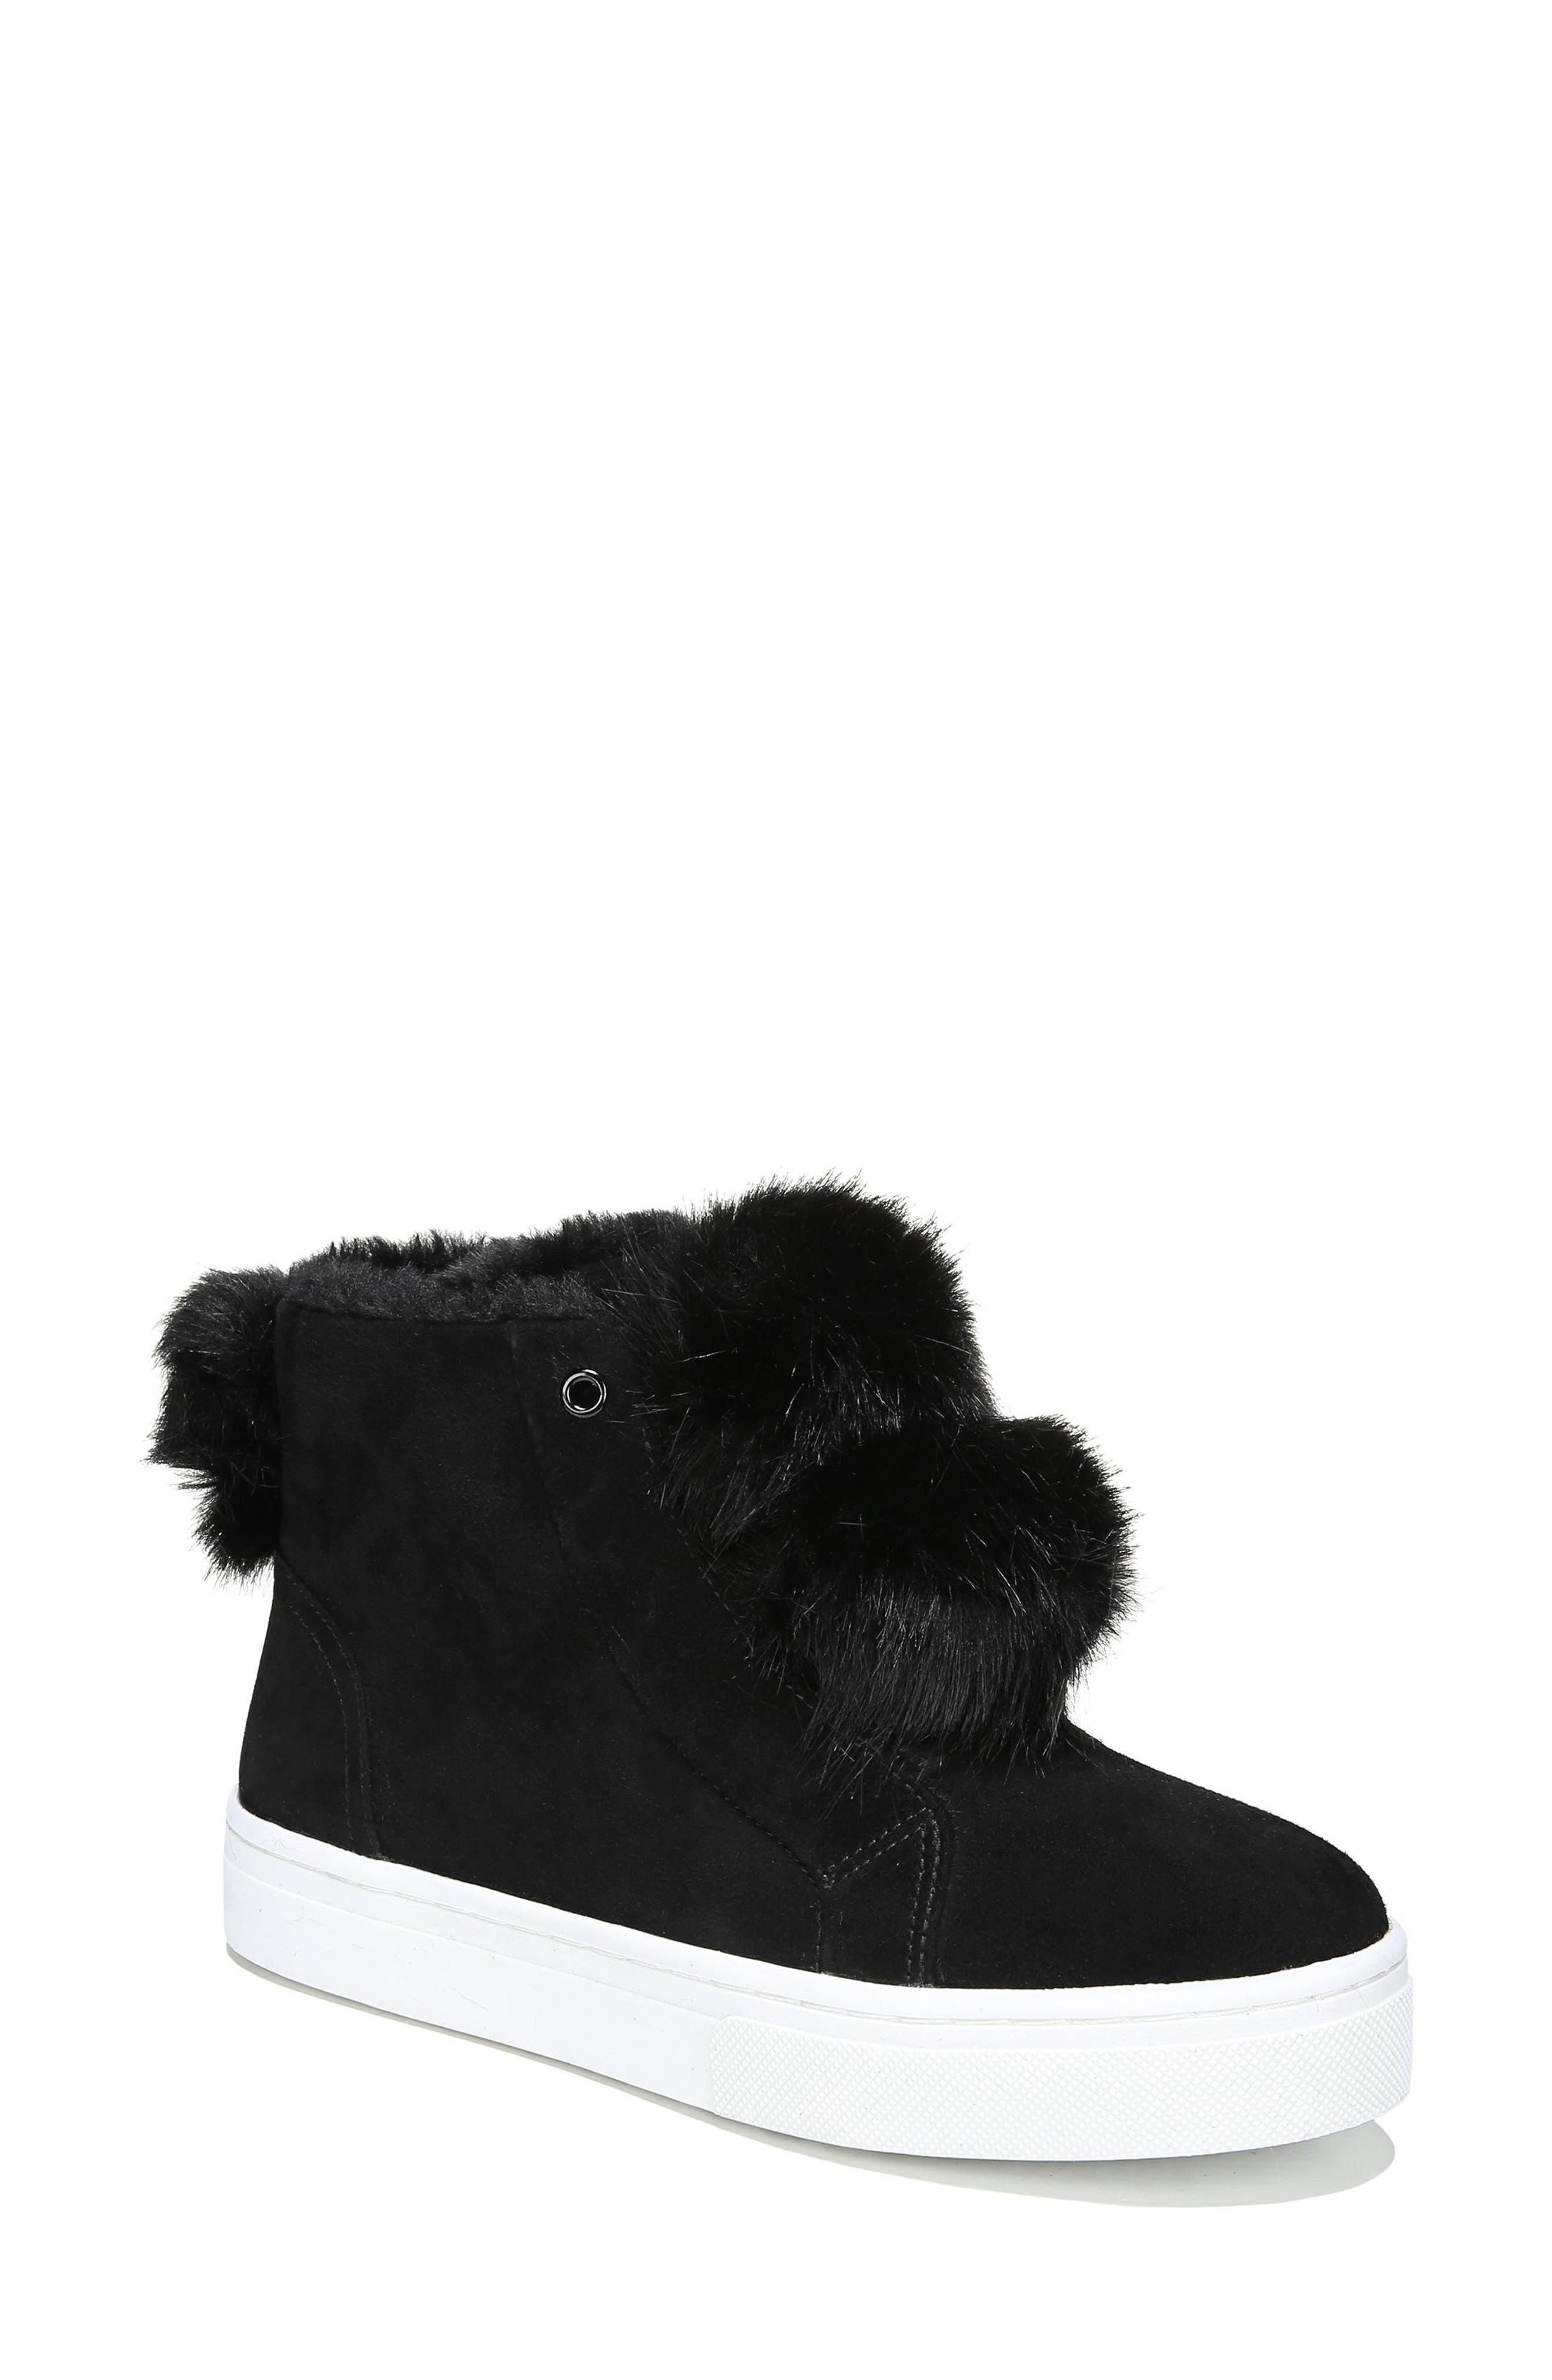 Lear Faux Fur Sneaker,                             Main thumbnail 1, color,                             Black Suede